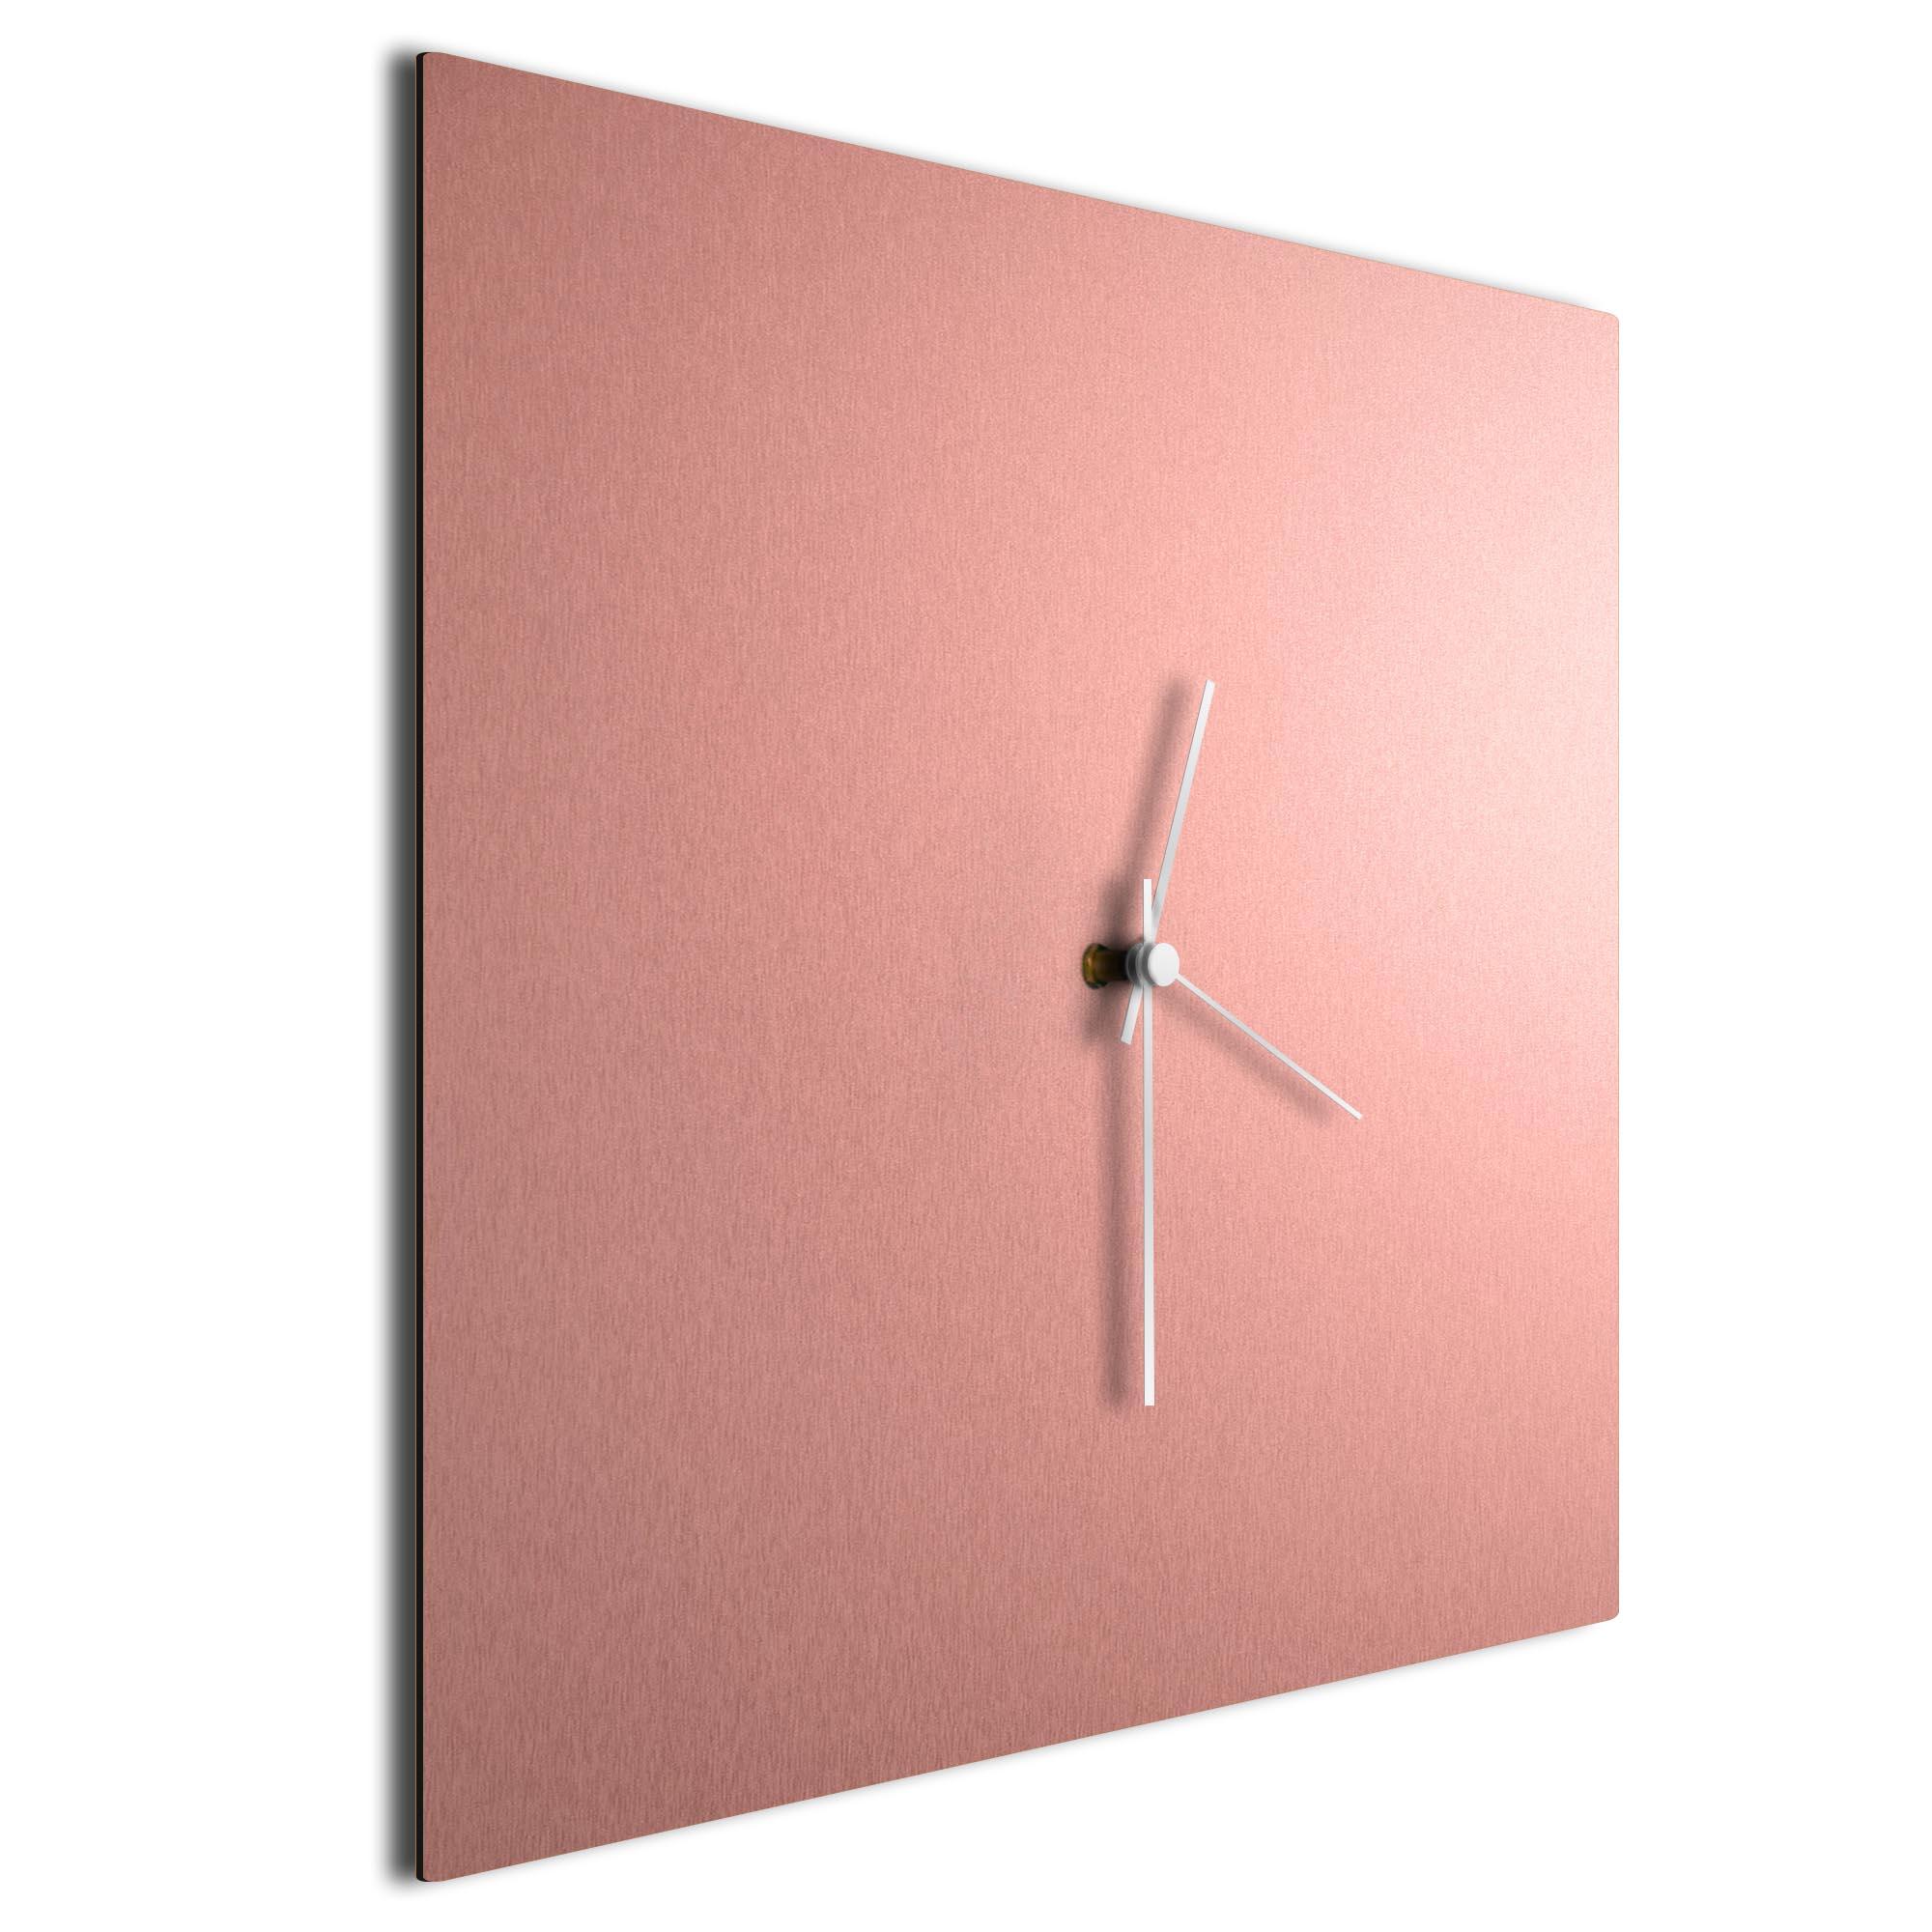 Coppersmith Square Clock White - Image 2